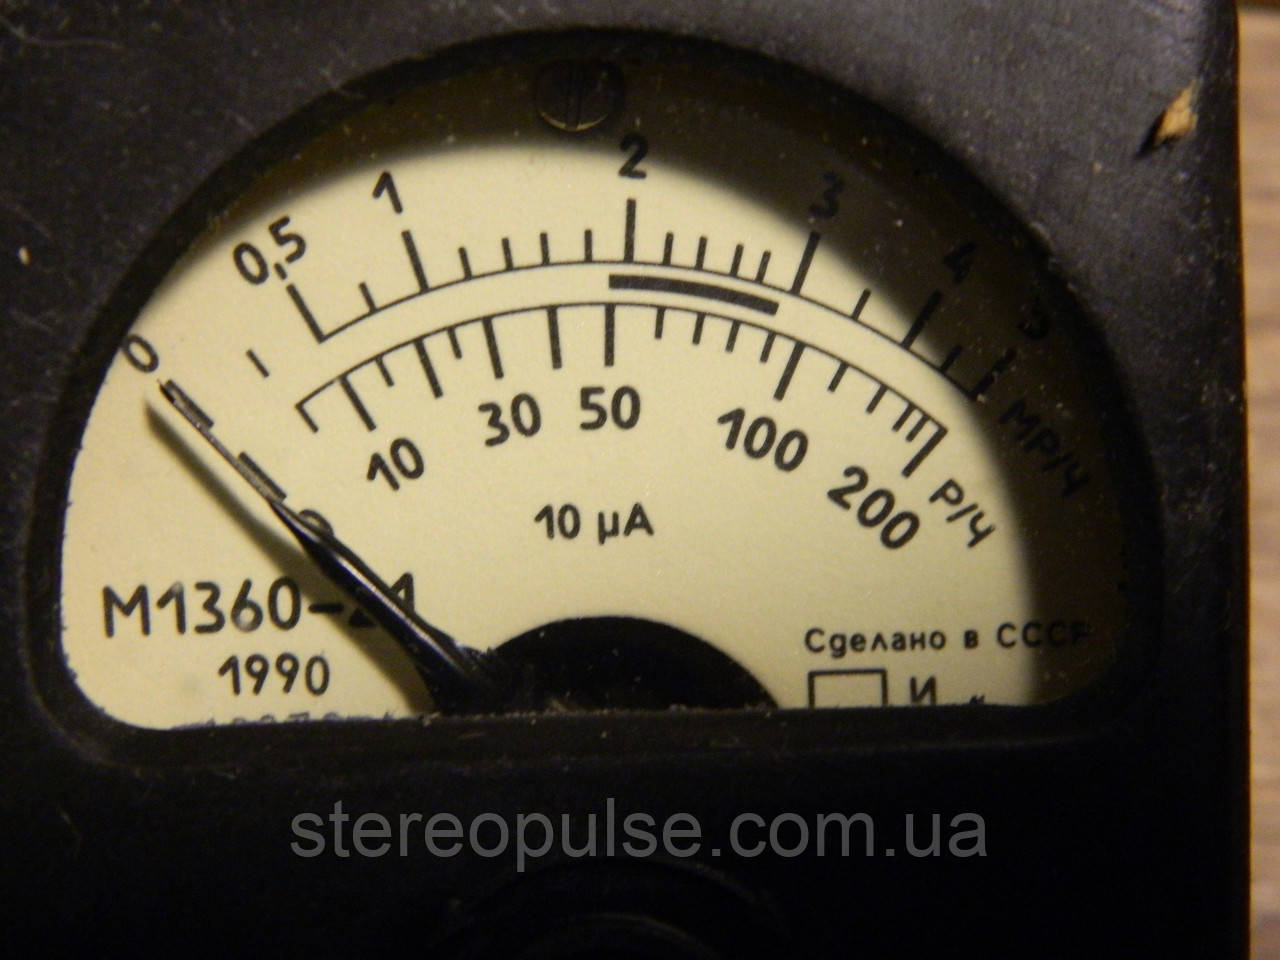 Головка измерительная М1360-21 10мкА